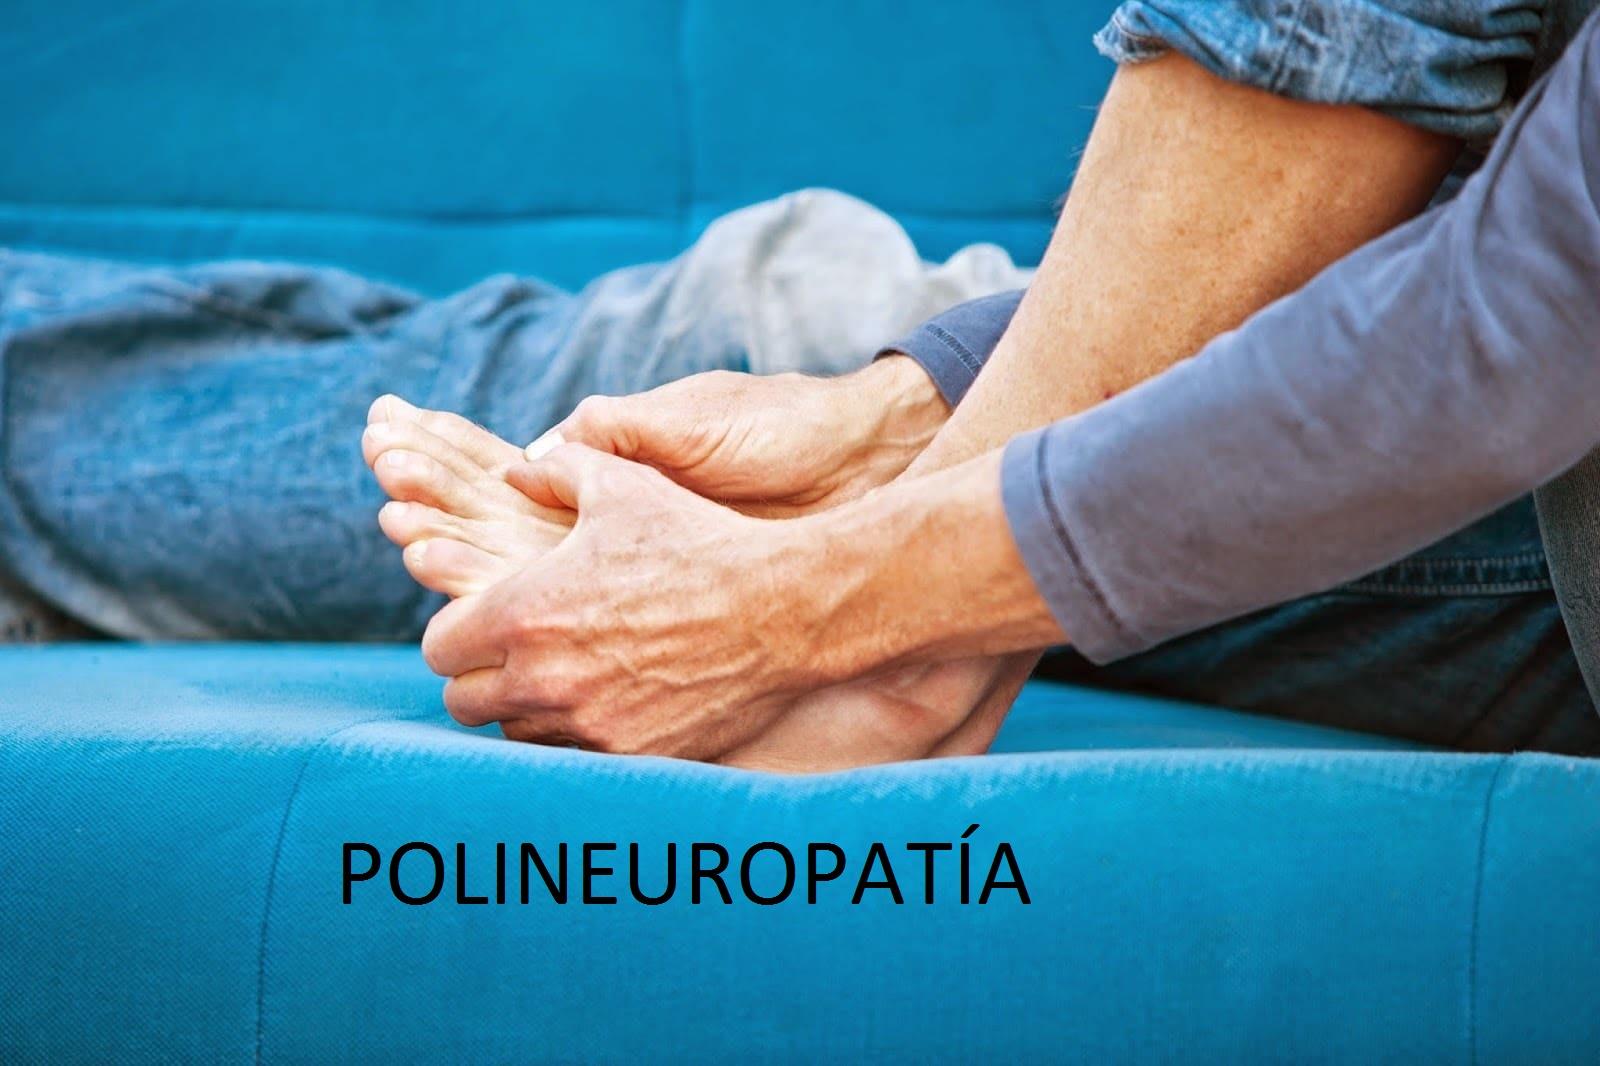 Polineuropatía